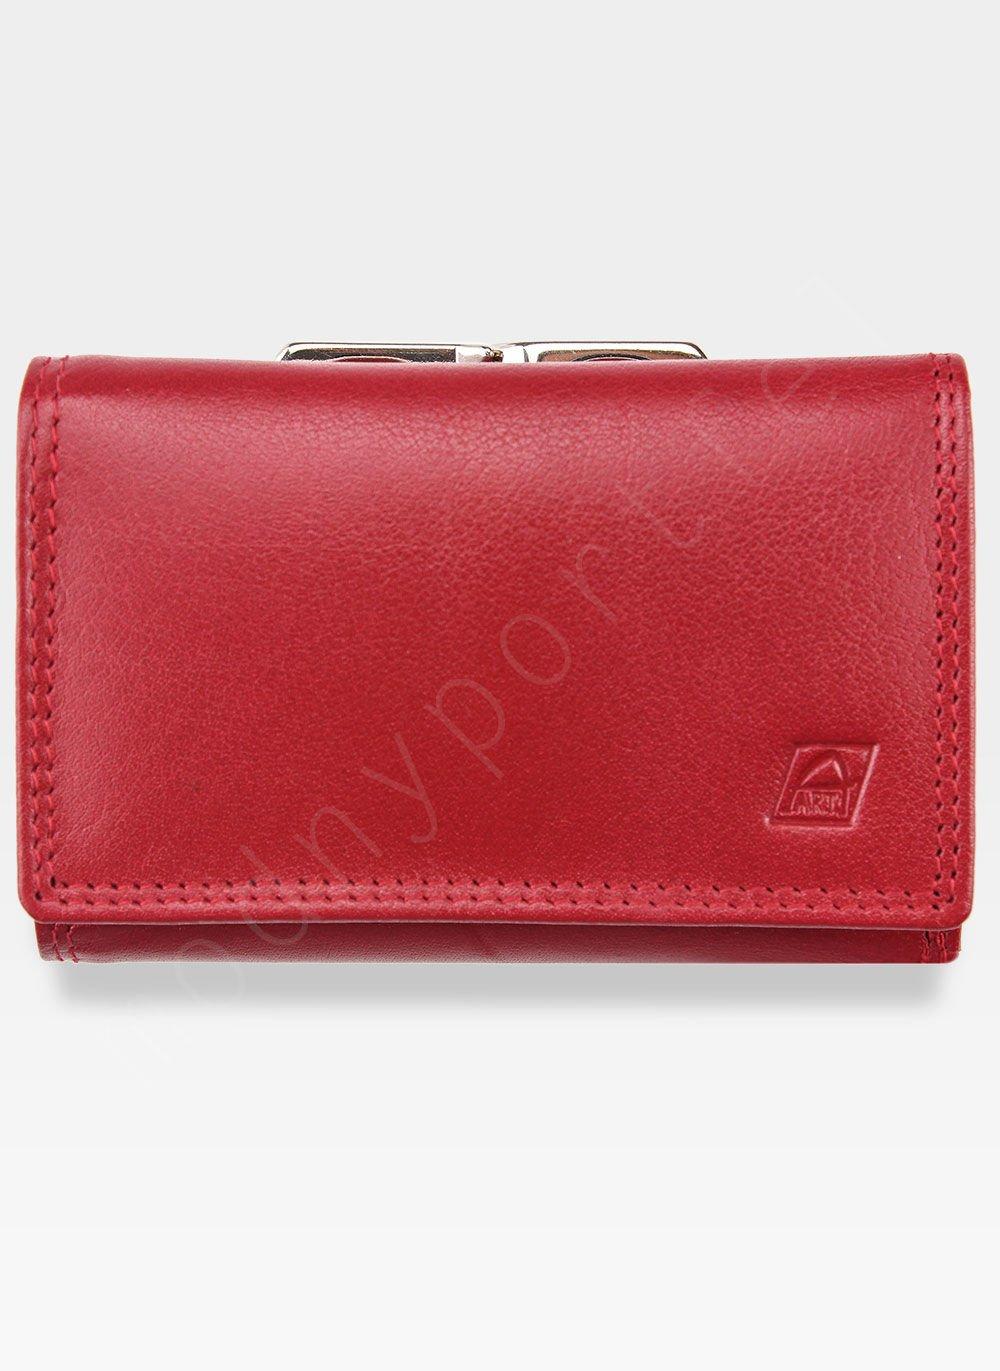 2ee853333ca99 Kliknij, aby powiększyć; Portfel Damski Skórzany A-Art Elegancki Klasyczny  Bigiel 3415-pd Czerwony